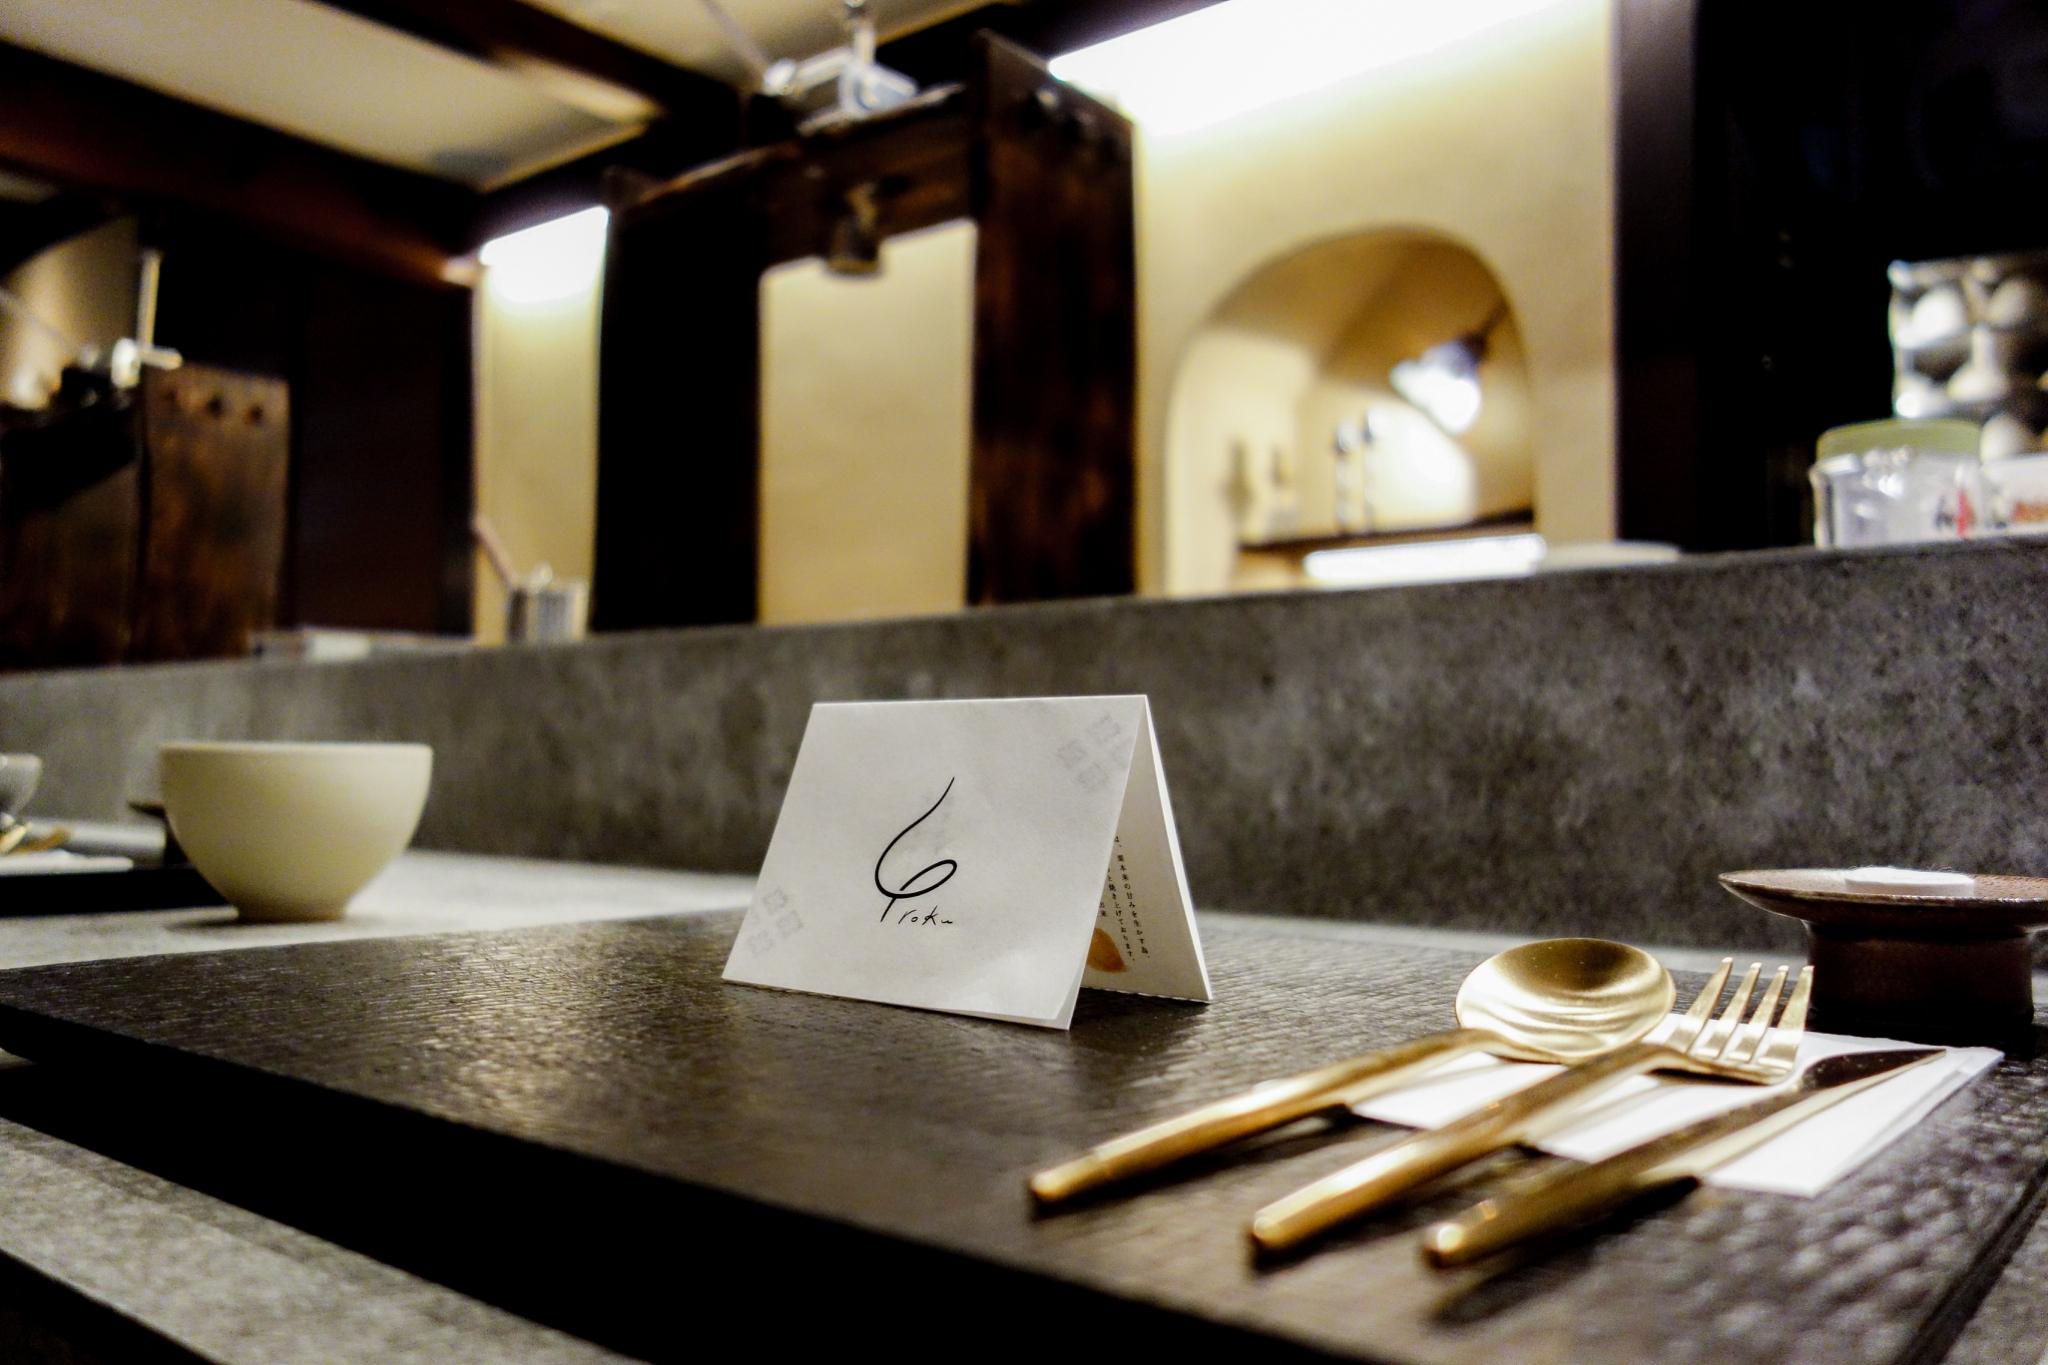 極上のモンブランが食べられる茶寮がびわこレストランROKU内にオープン 京都の有名店「和栗専門ー紗織ー」の全面プロデュース